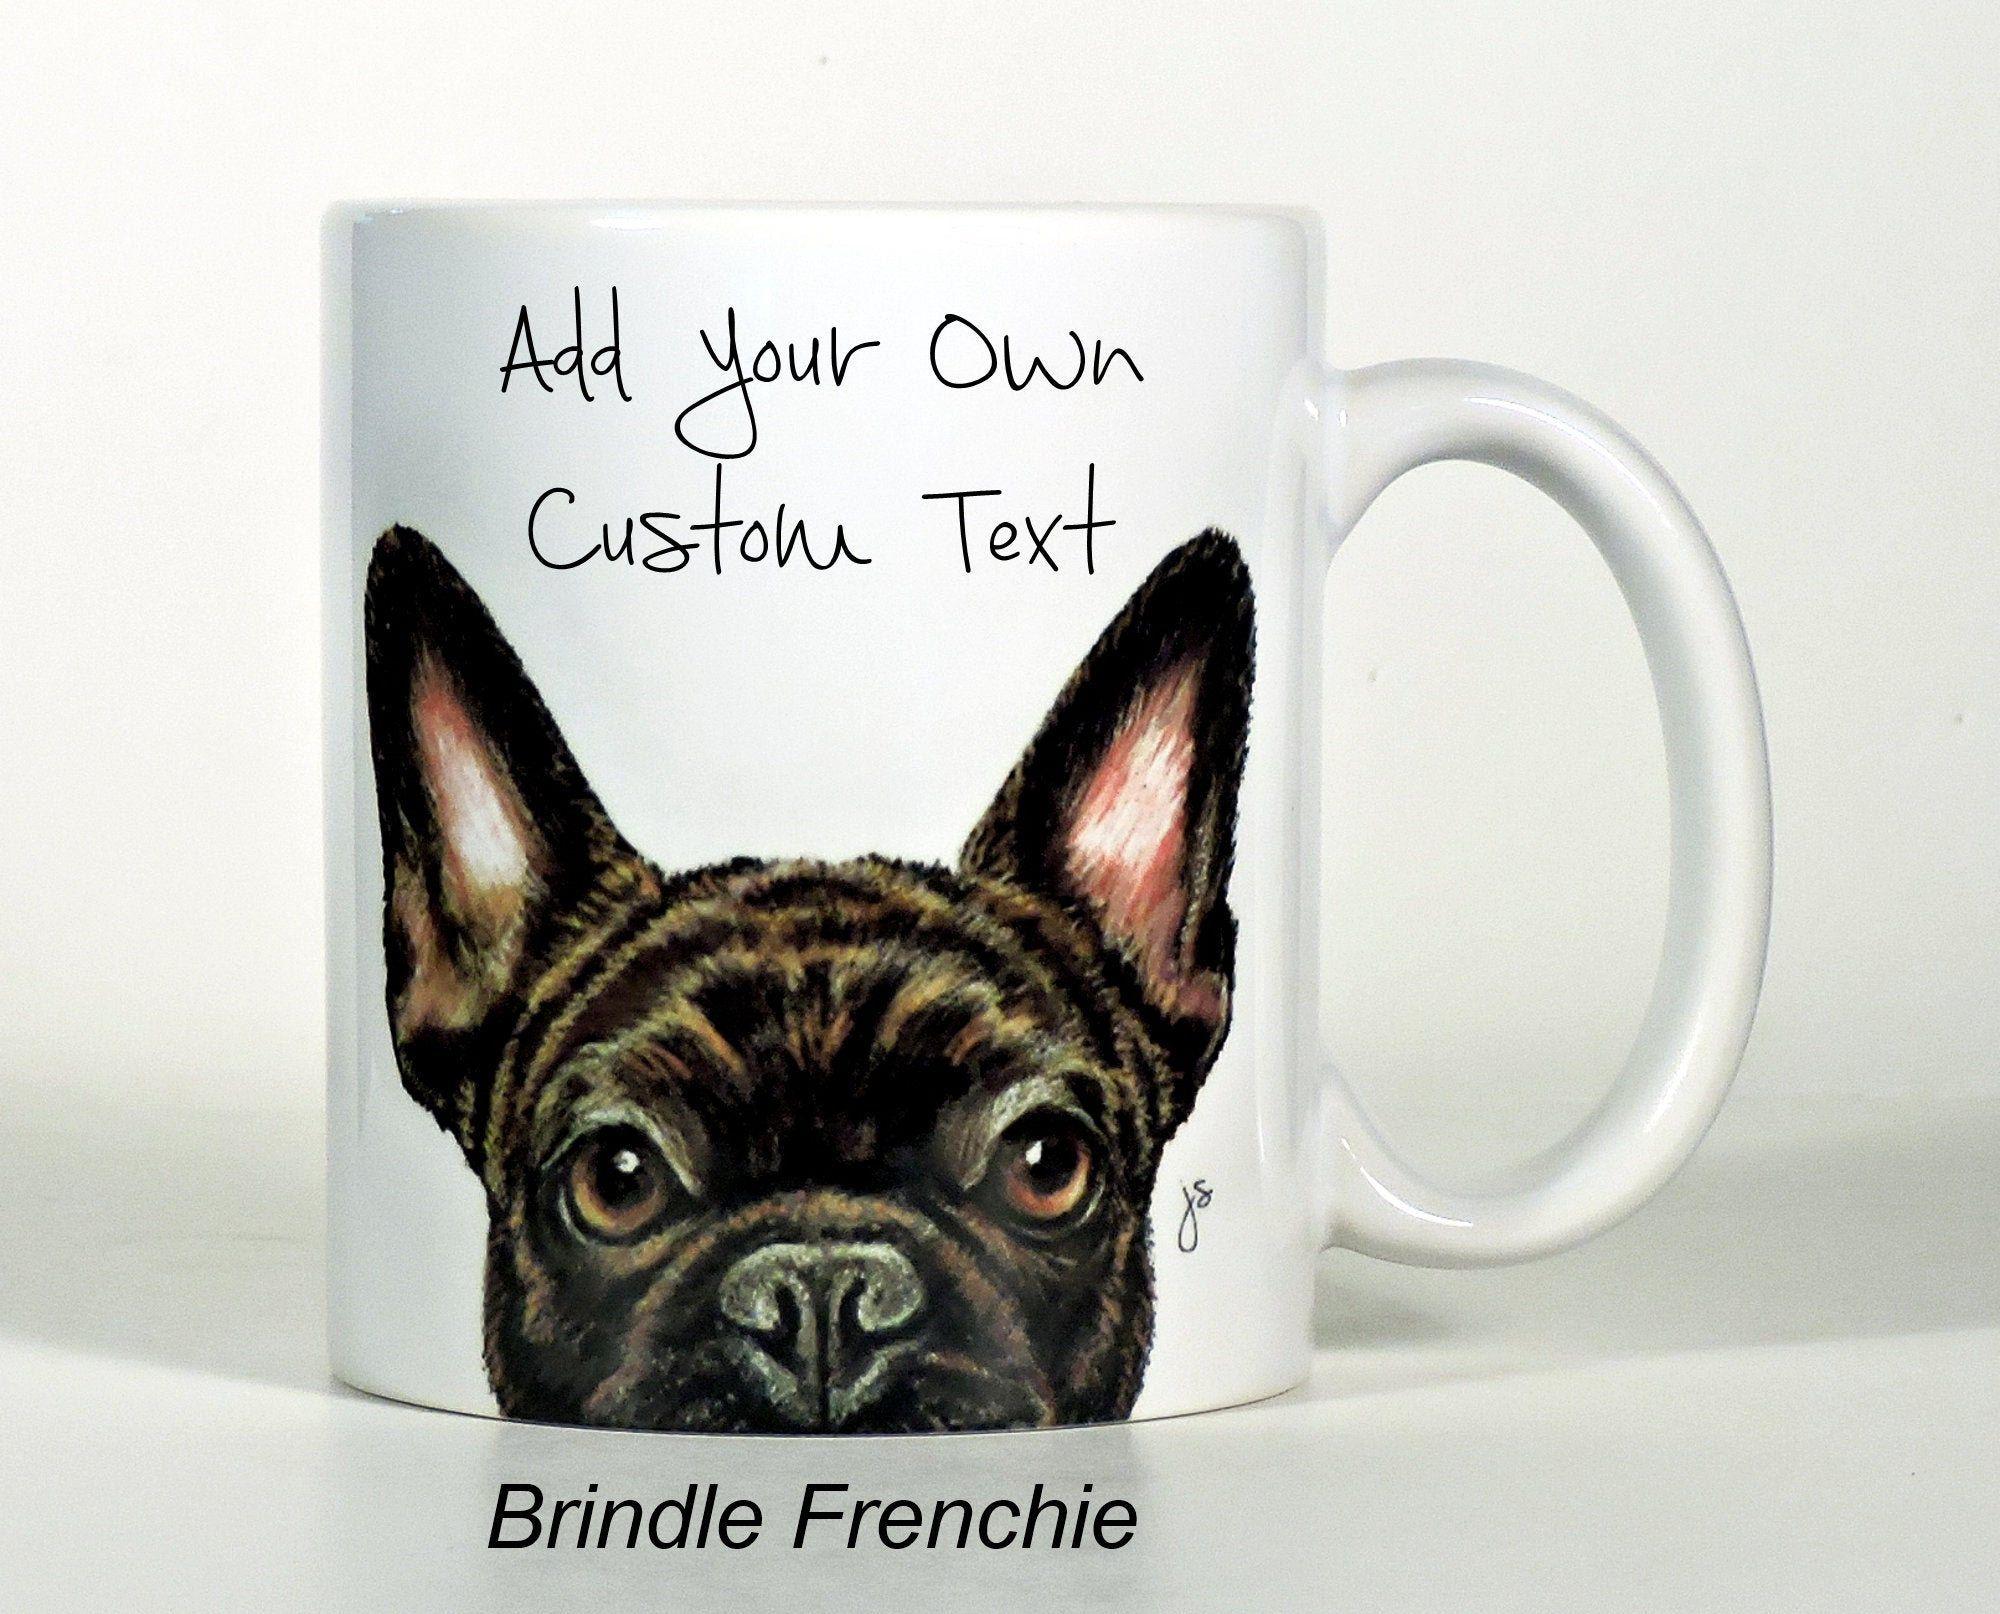 French Bulldog Mug Black Brindle Cream or Fawn French